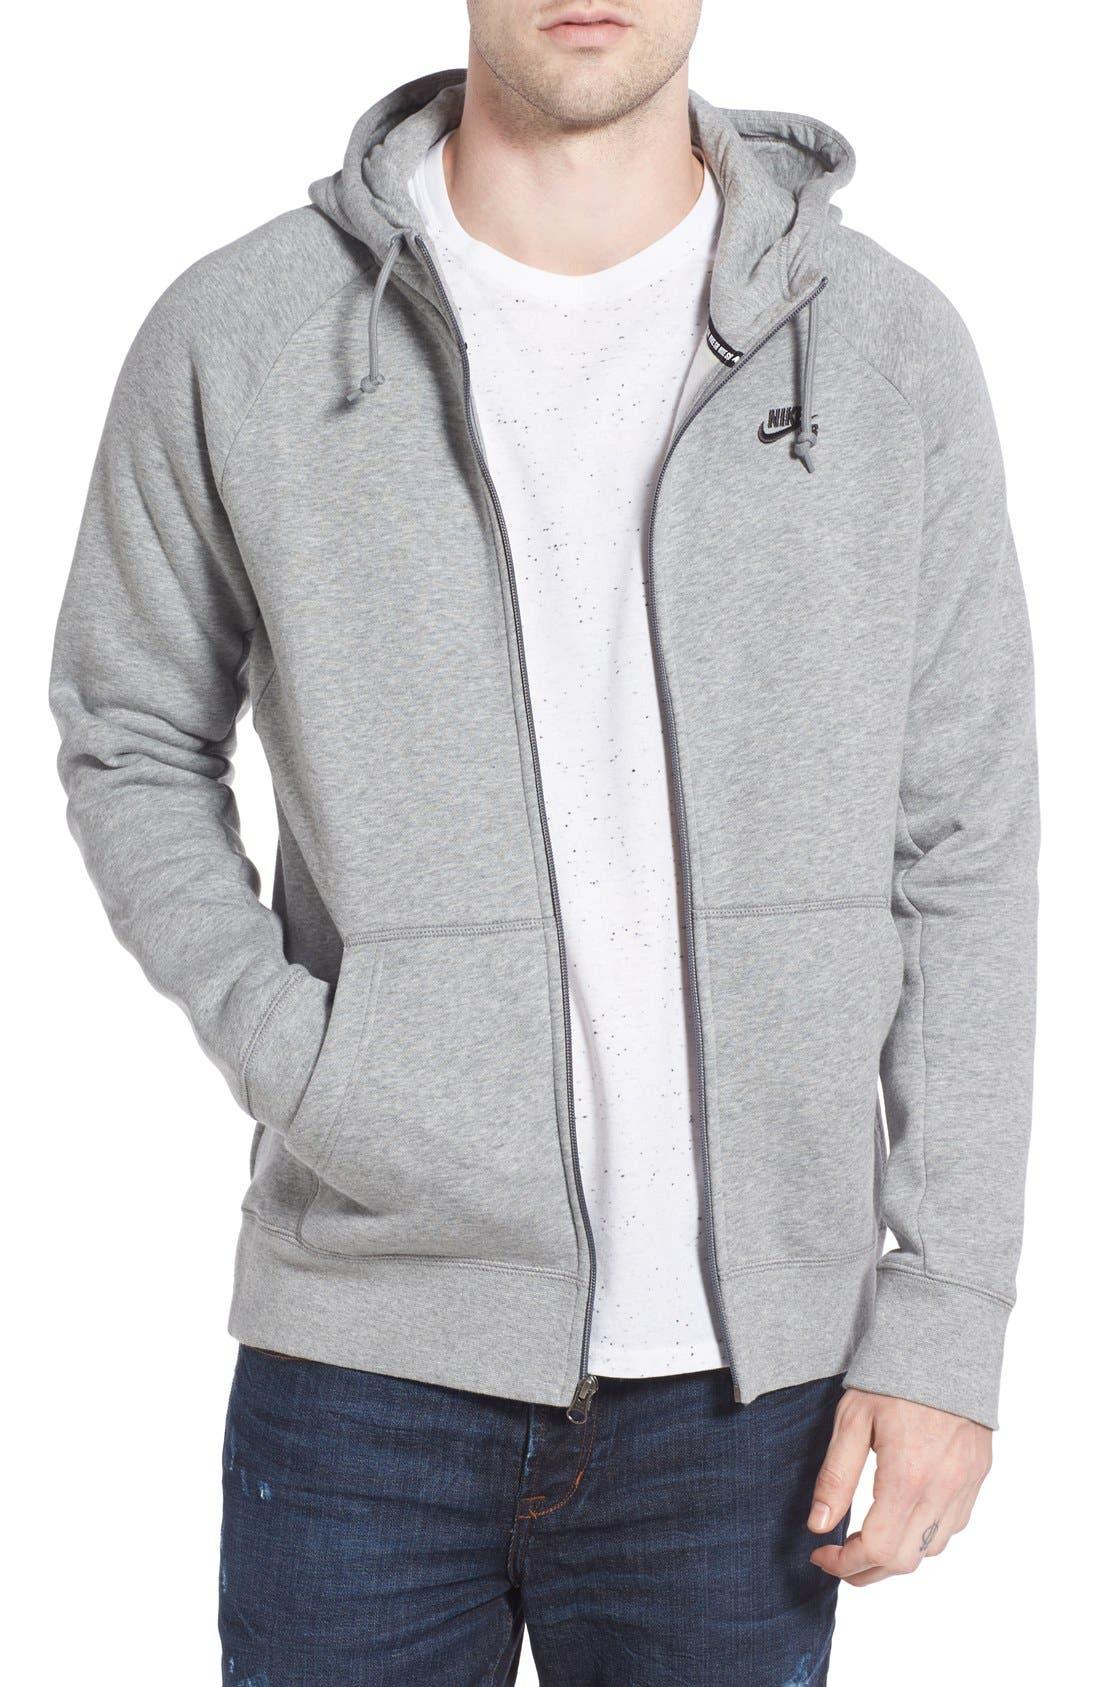 Alternate Image 1 Selected - Nike SB 'Icon' Zip Hoodie